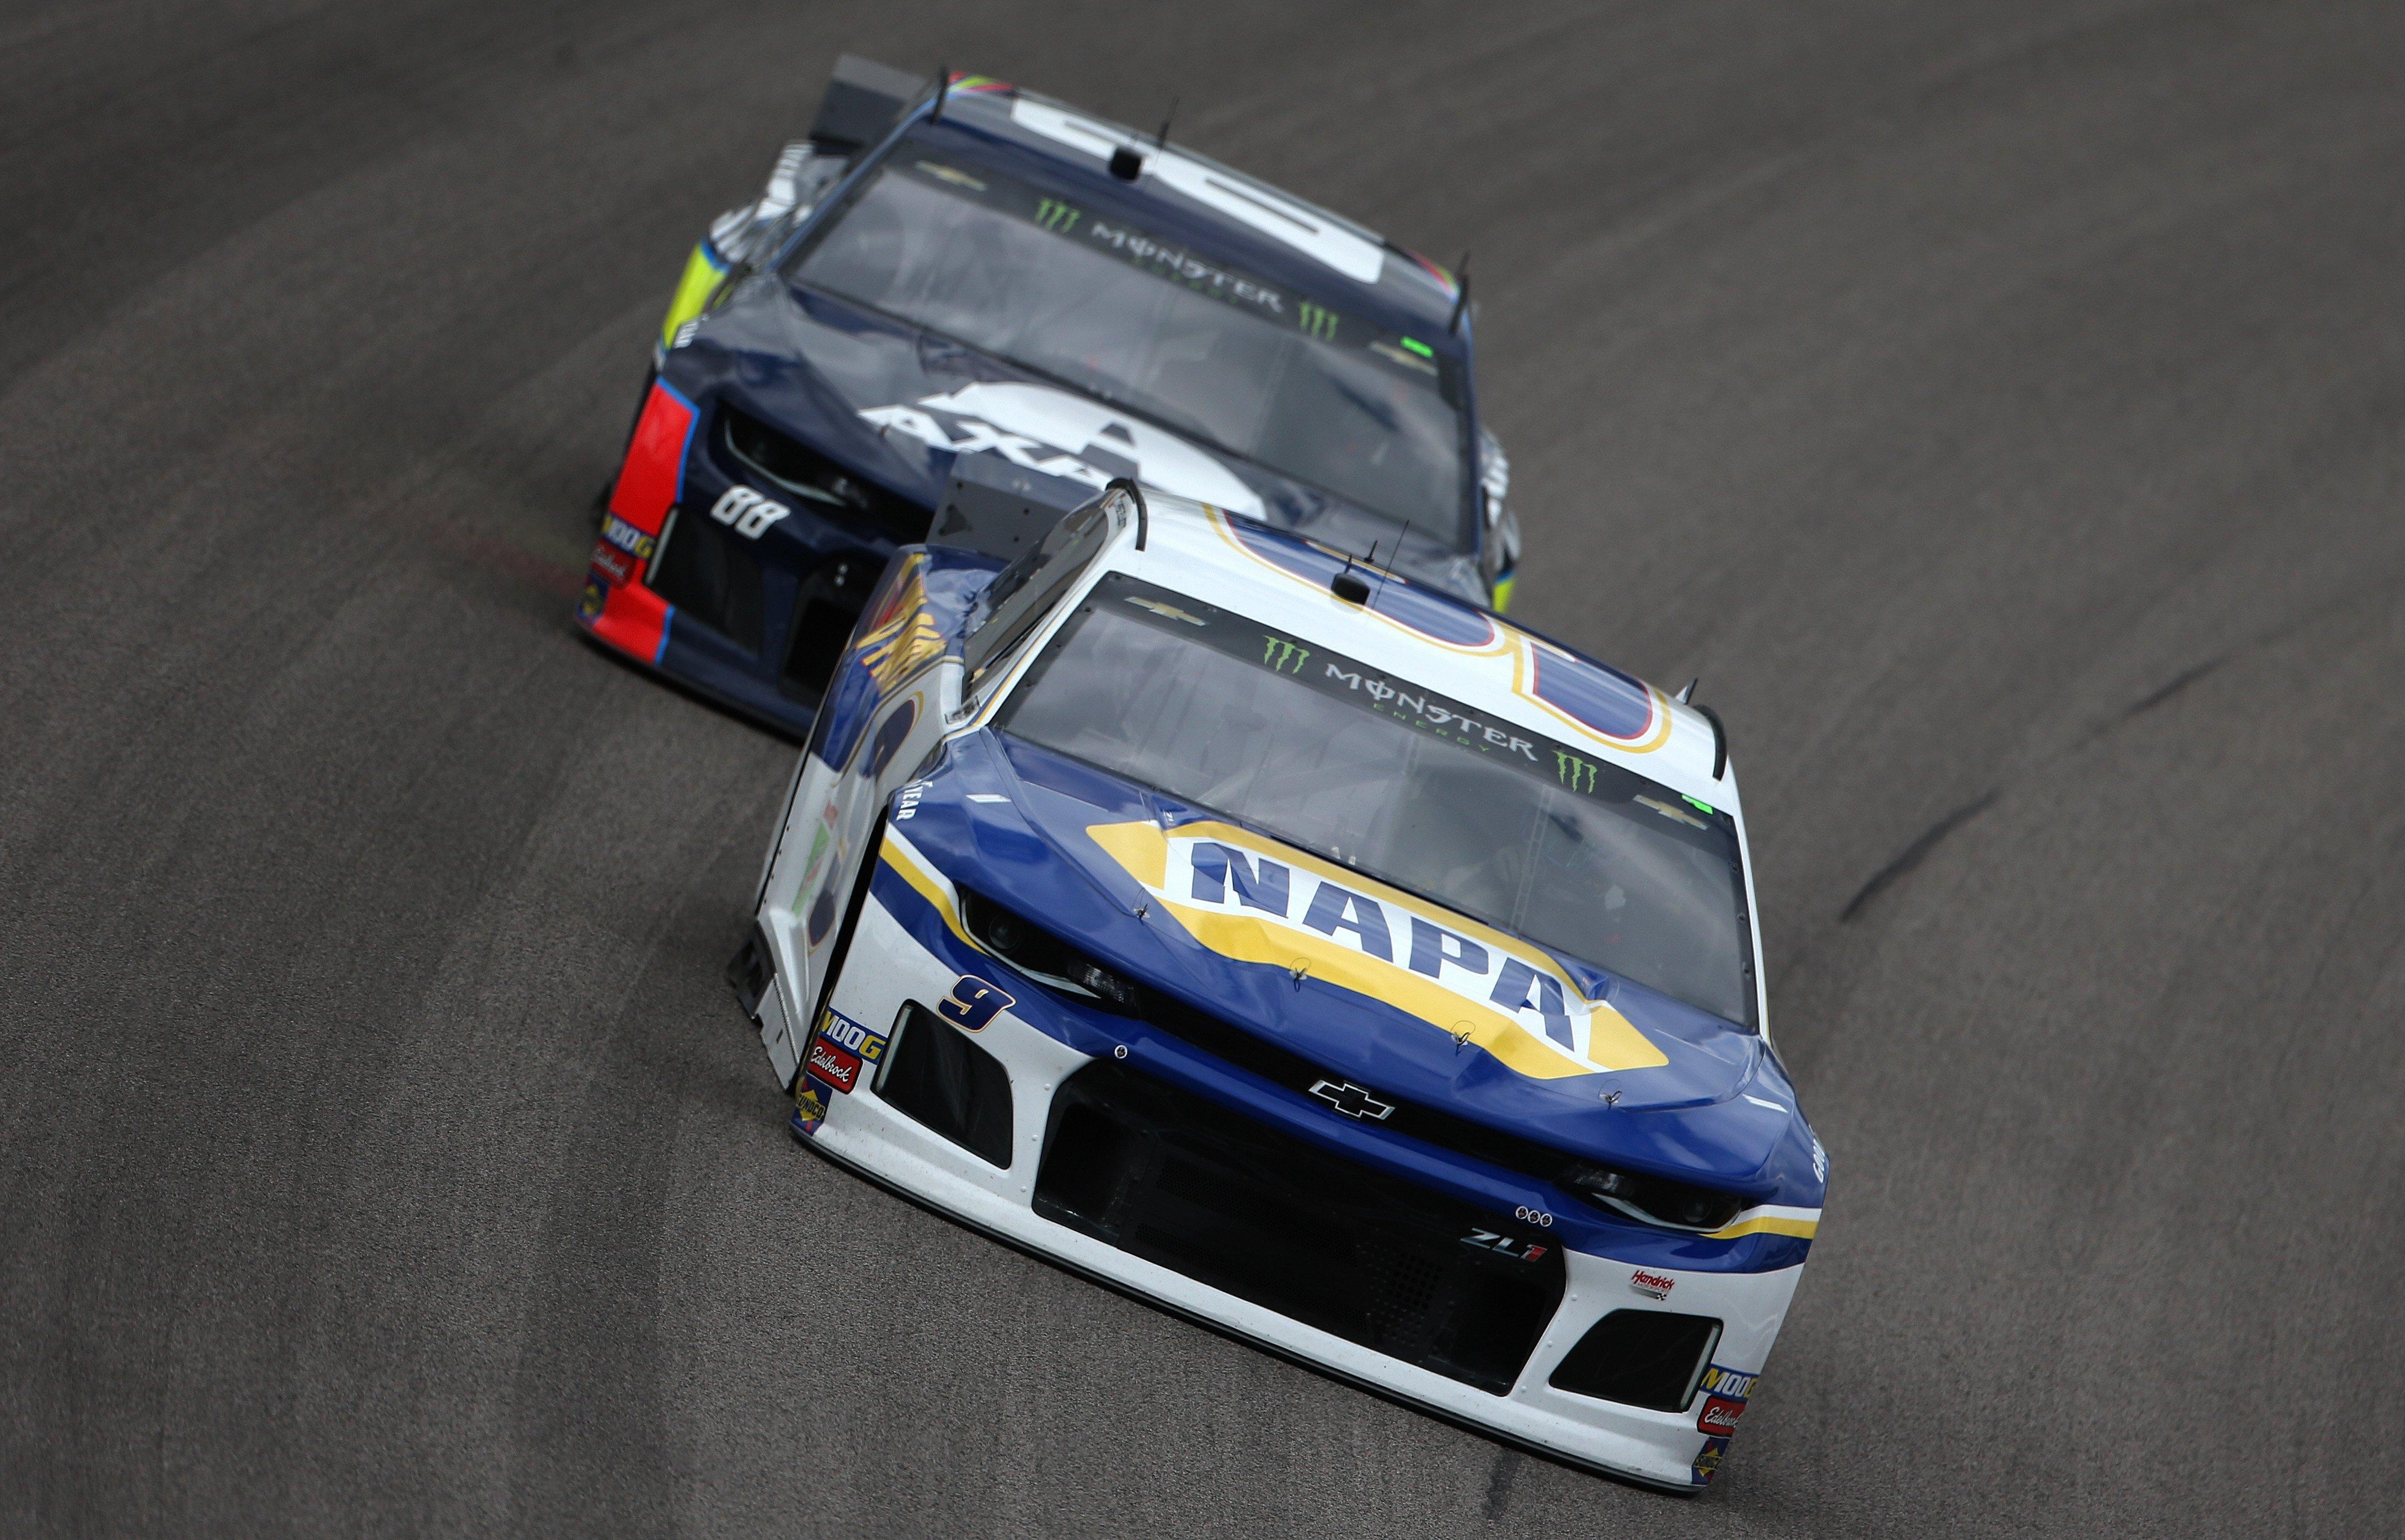 Kansas Practice Results: October 18, 2019 (NASCAR Cup Series) - Racing News